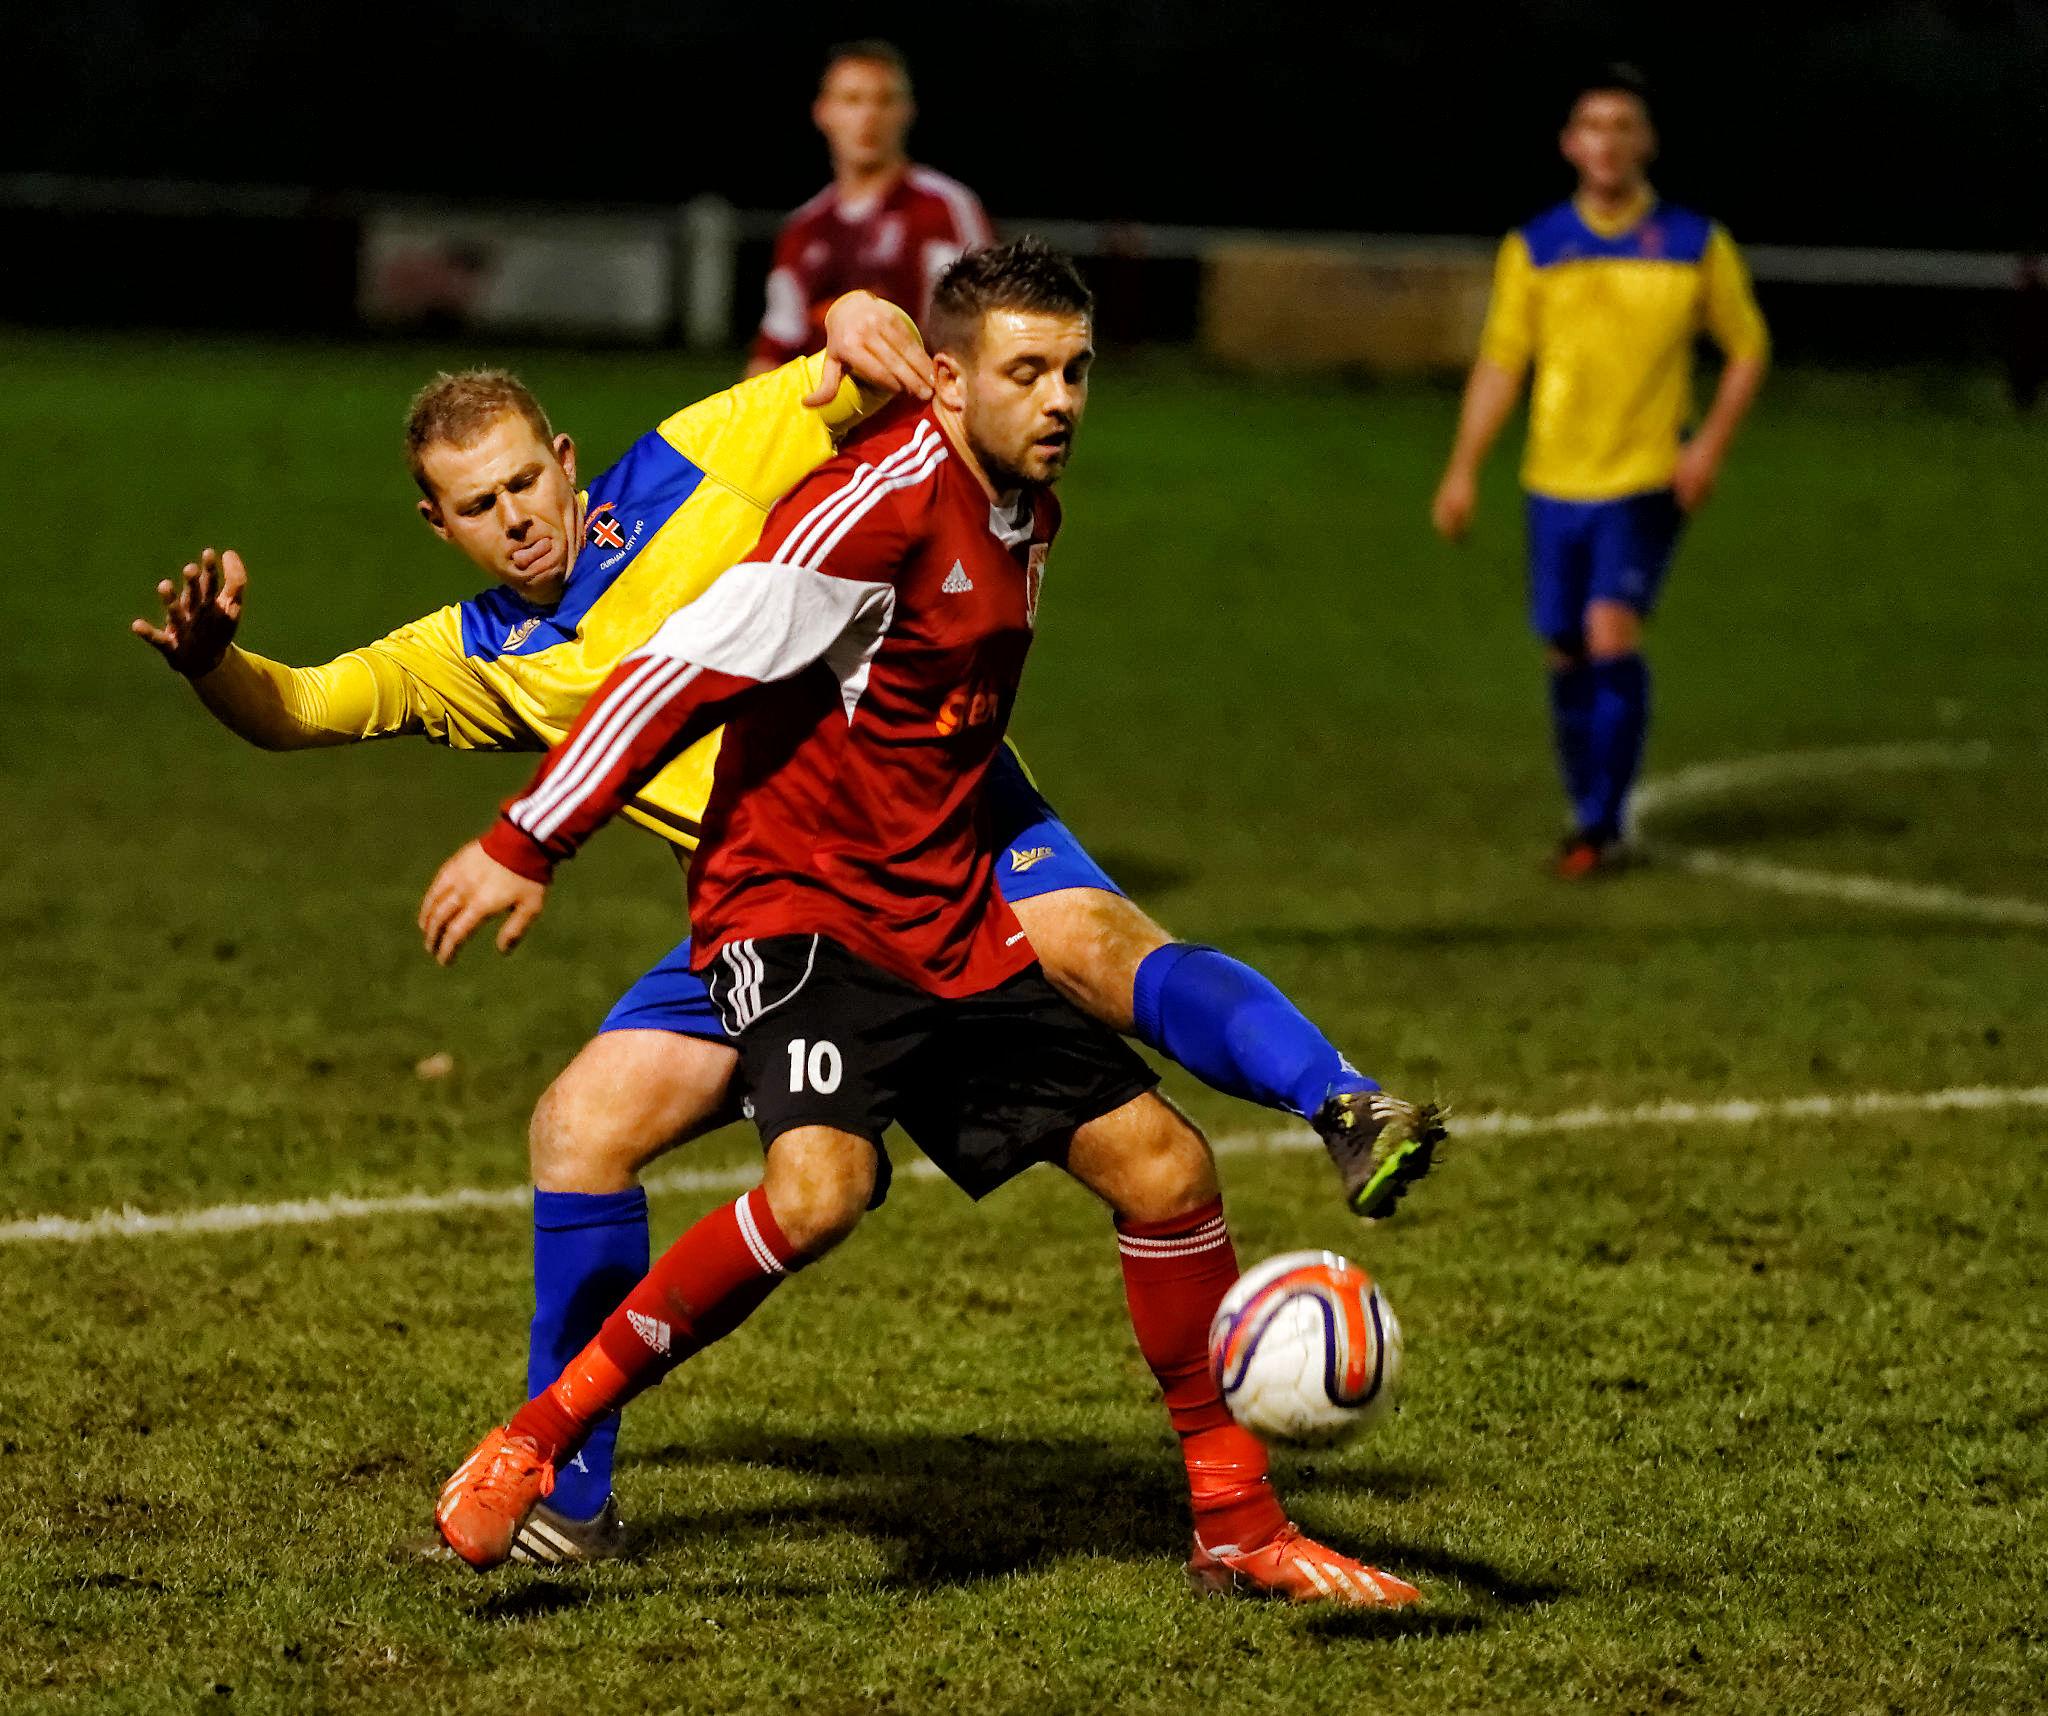 Sunderland Rca Fc 0 Durham City Fc 0 Sunderland Rca Fc